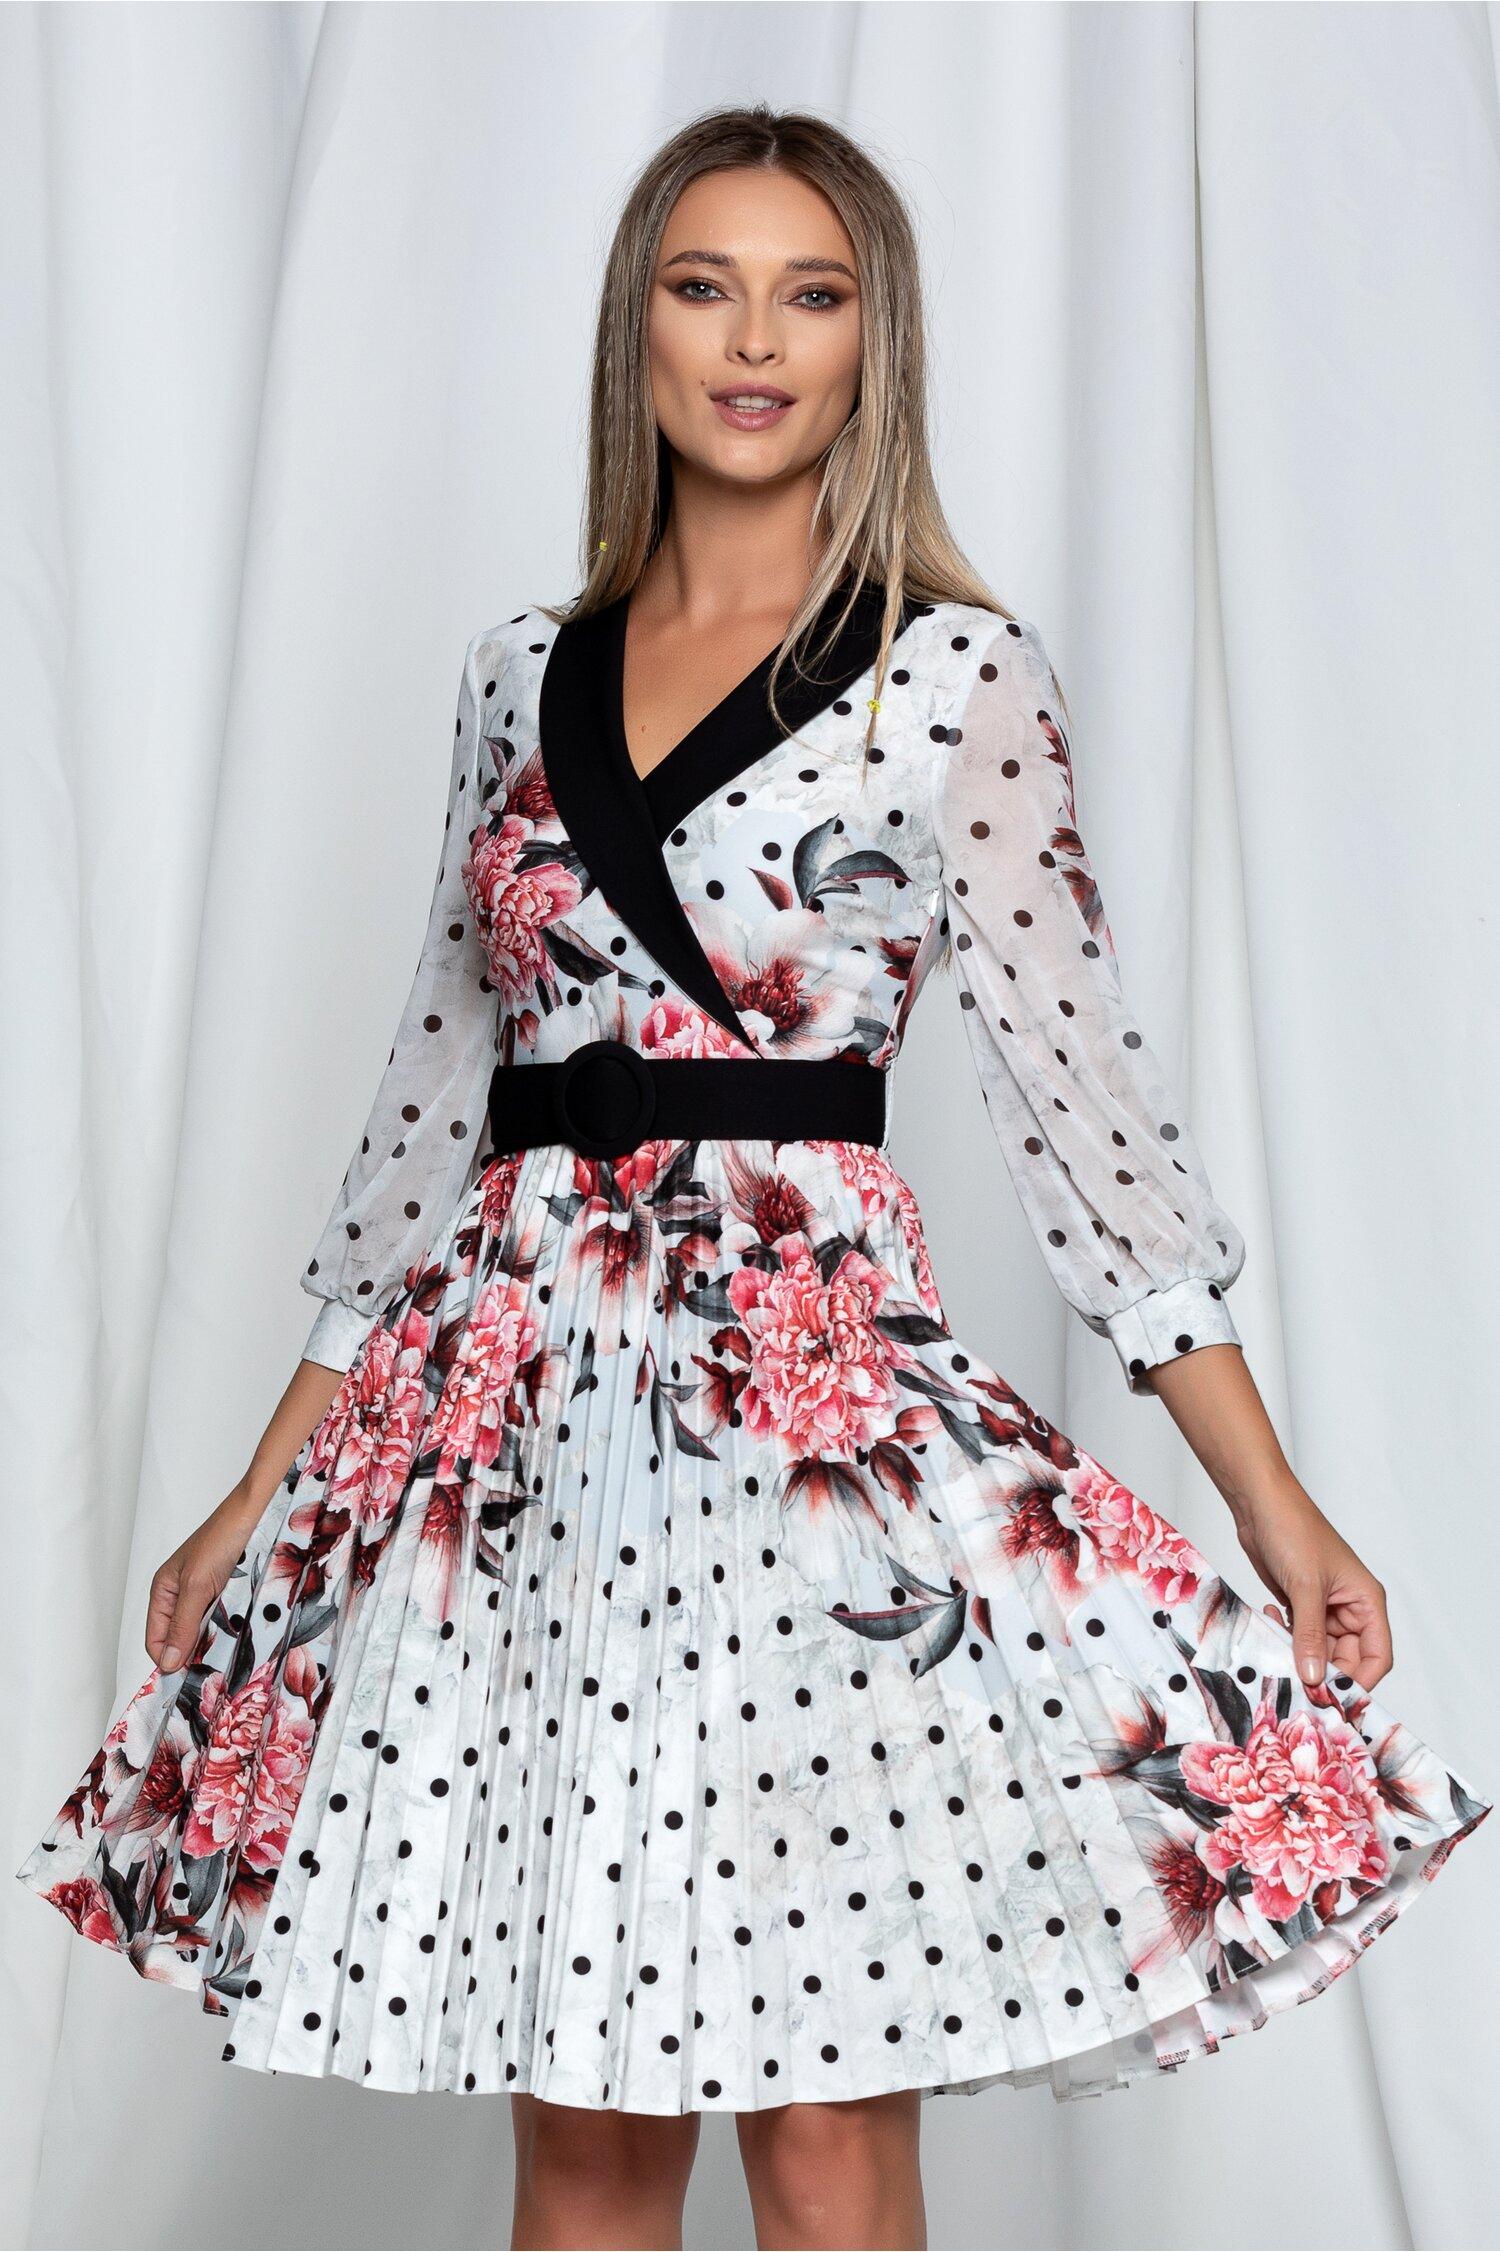 Rochie Amalia ivory cu imprimeu floral si curea in ton cu rochia